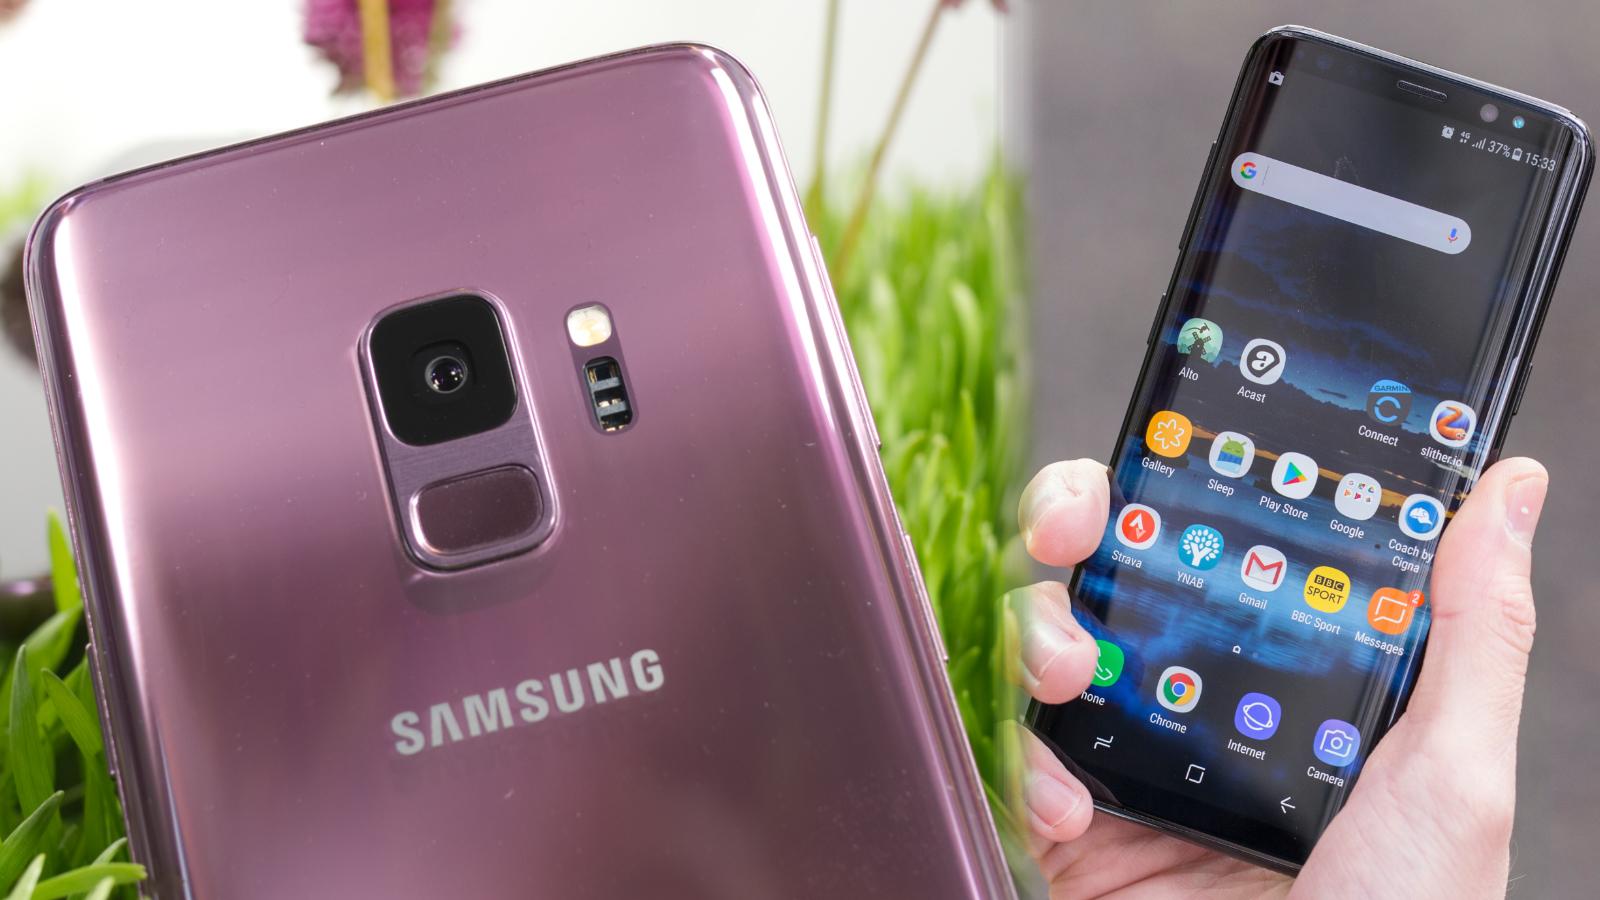 Samsung Galaxy S9 vs Samsung Galaxy S8